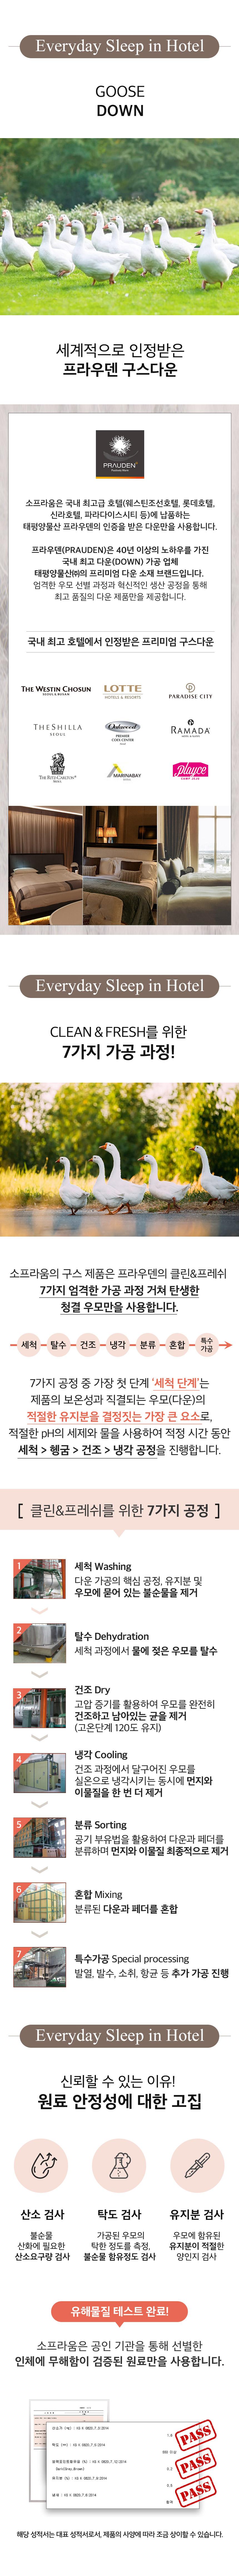 MOS20AS59B11_main_3.jpg